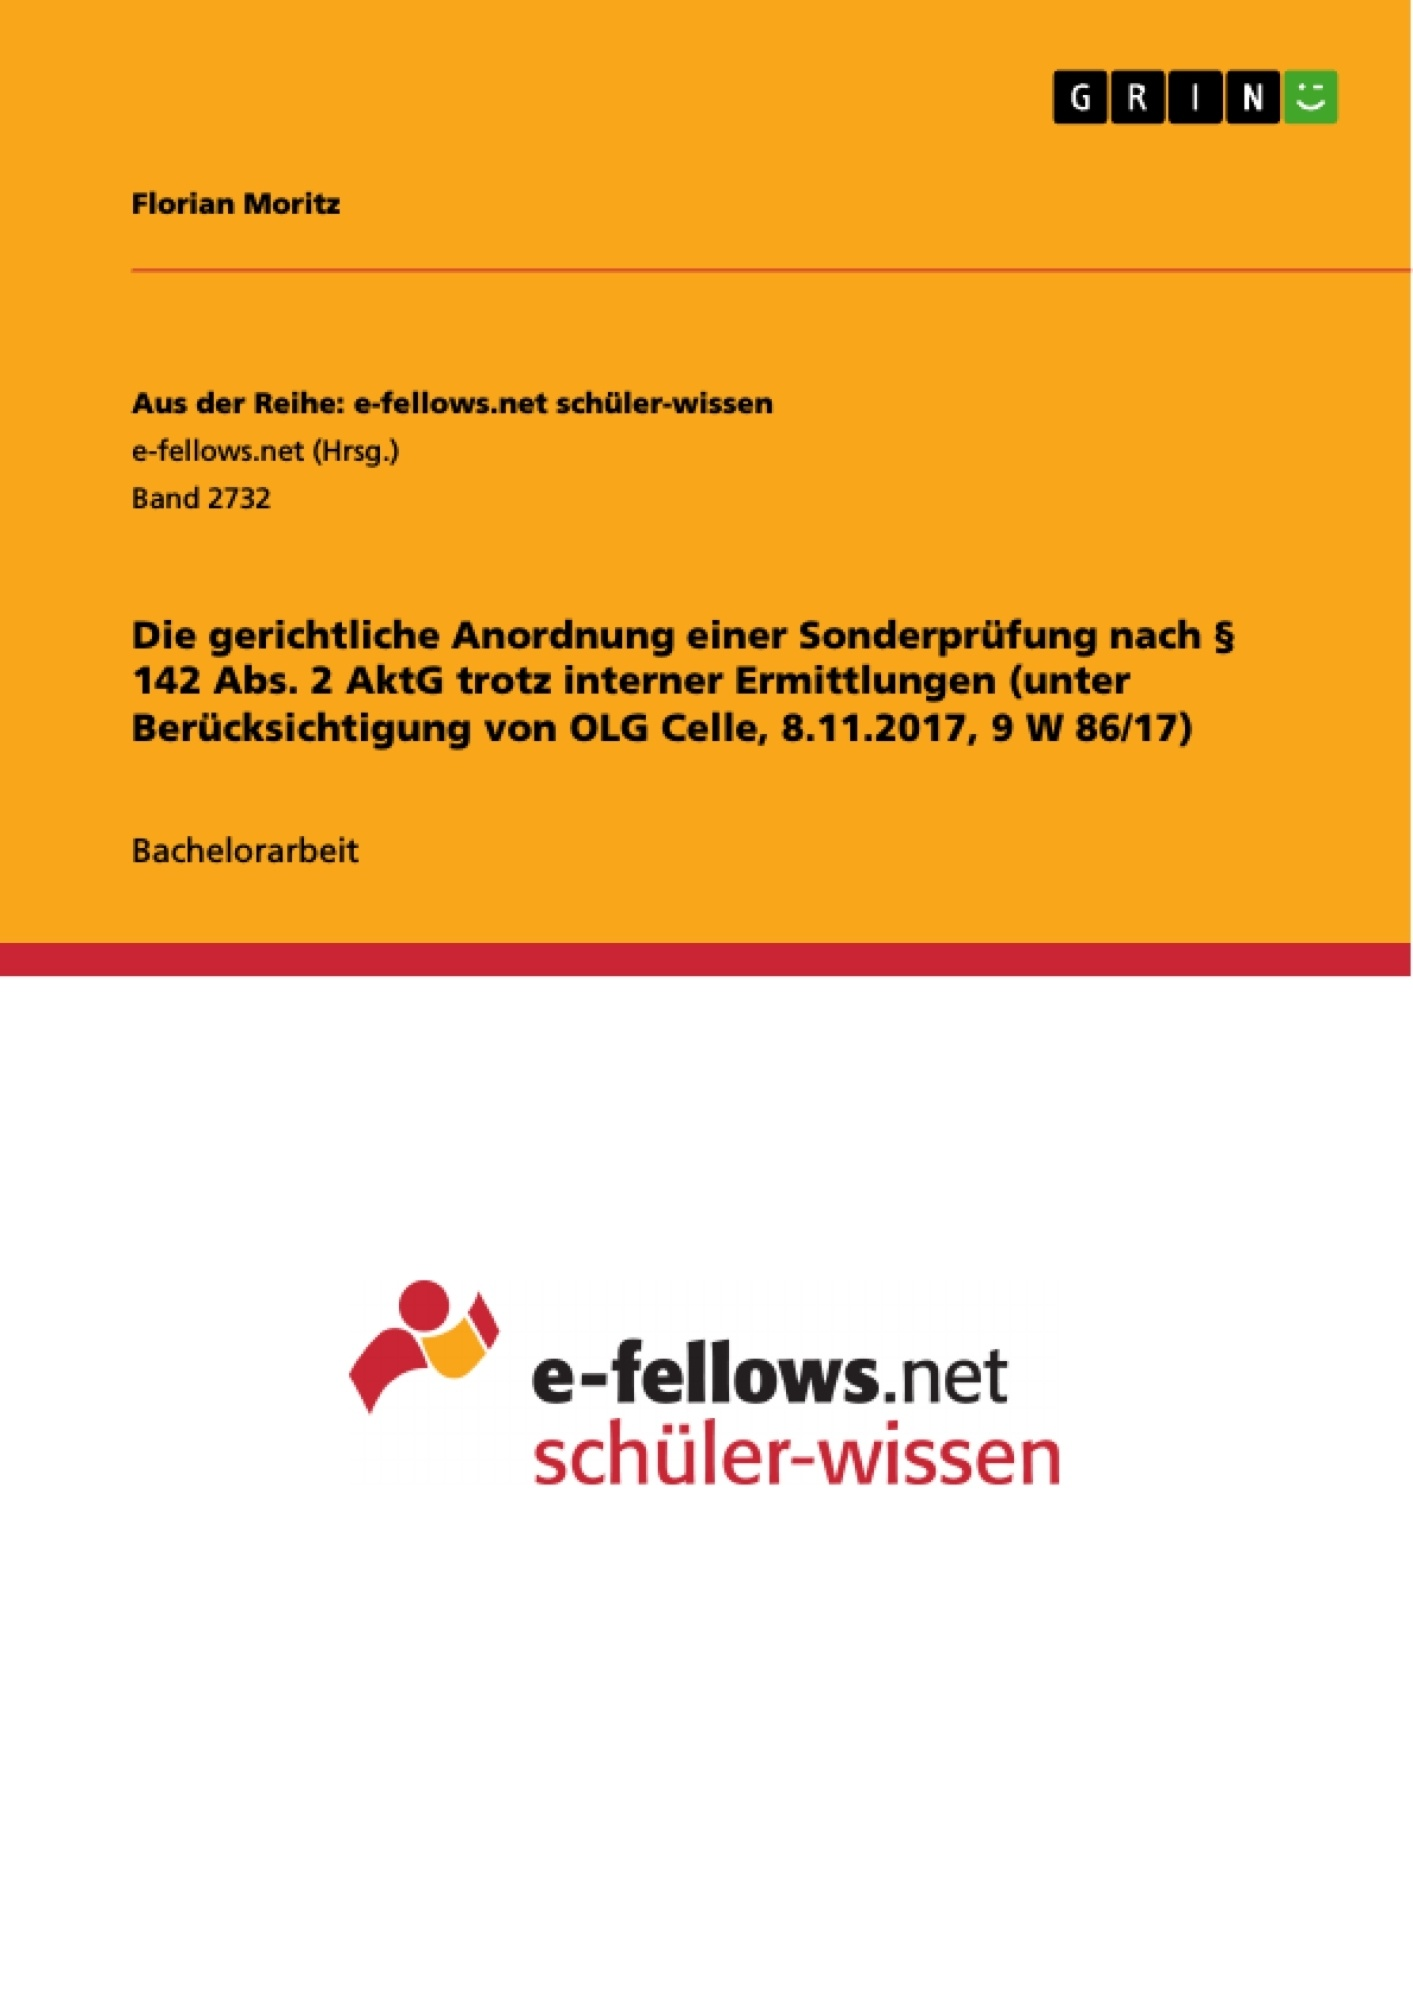 Titel: Die gerichtliche Anordnung einer Sonderprüfung nach § 142 Abs. 2 AktG trotz interner Ermittlungen (unter Berücksichtigung von OLG Celle, 8.11.2017, 9 W 86/17)